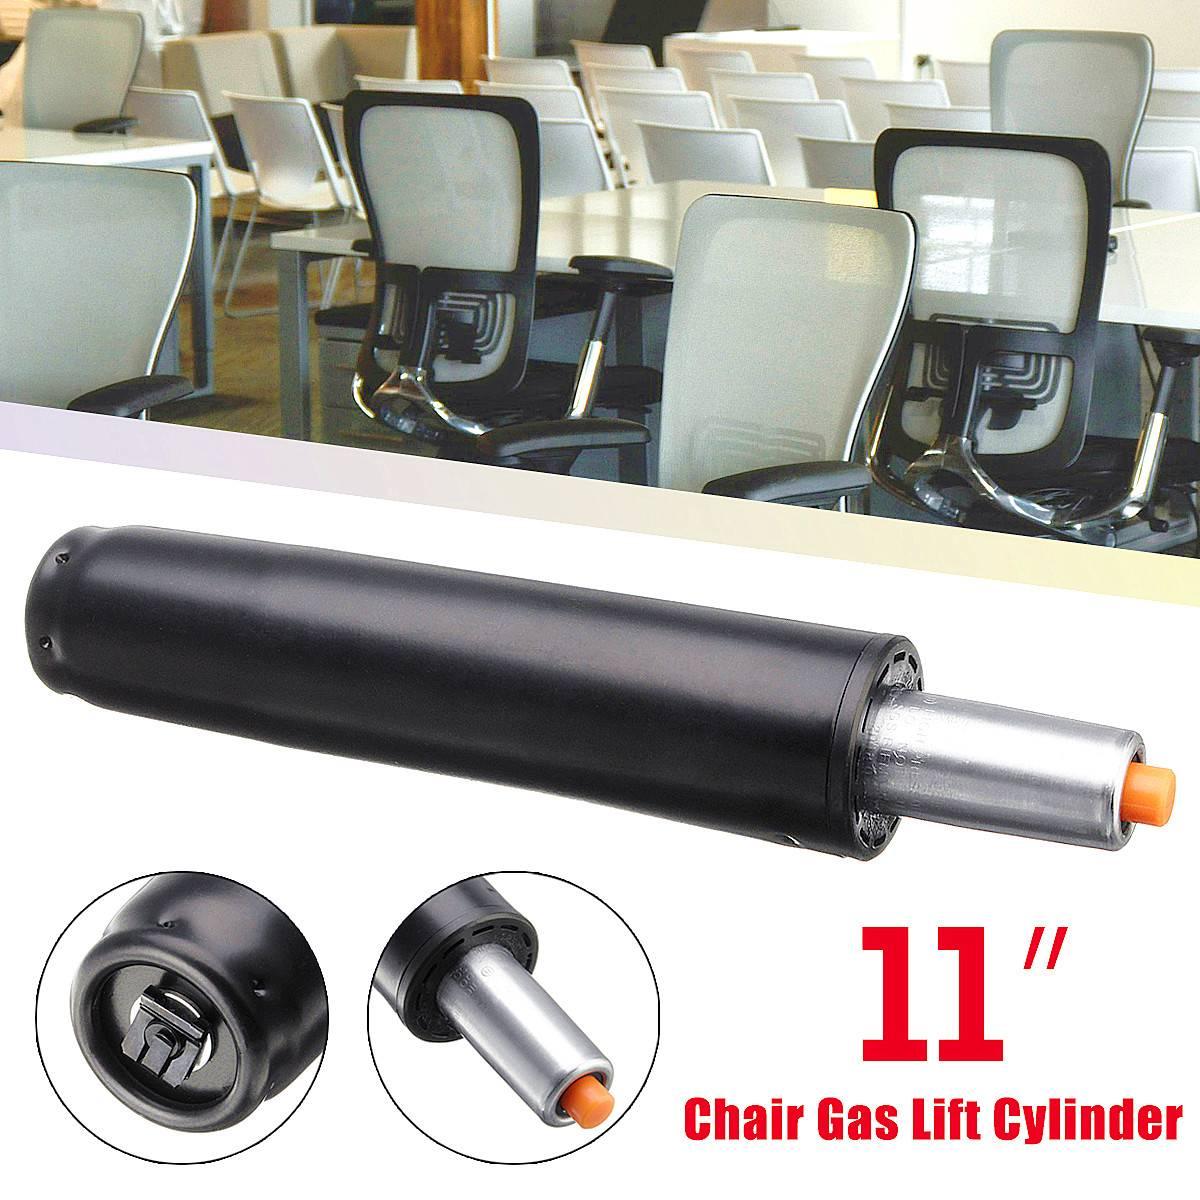 Pesado 11 ''varilla neumática cilindro de elevación de Gas accesorios de reemplazo de silla piezas neumáticas